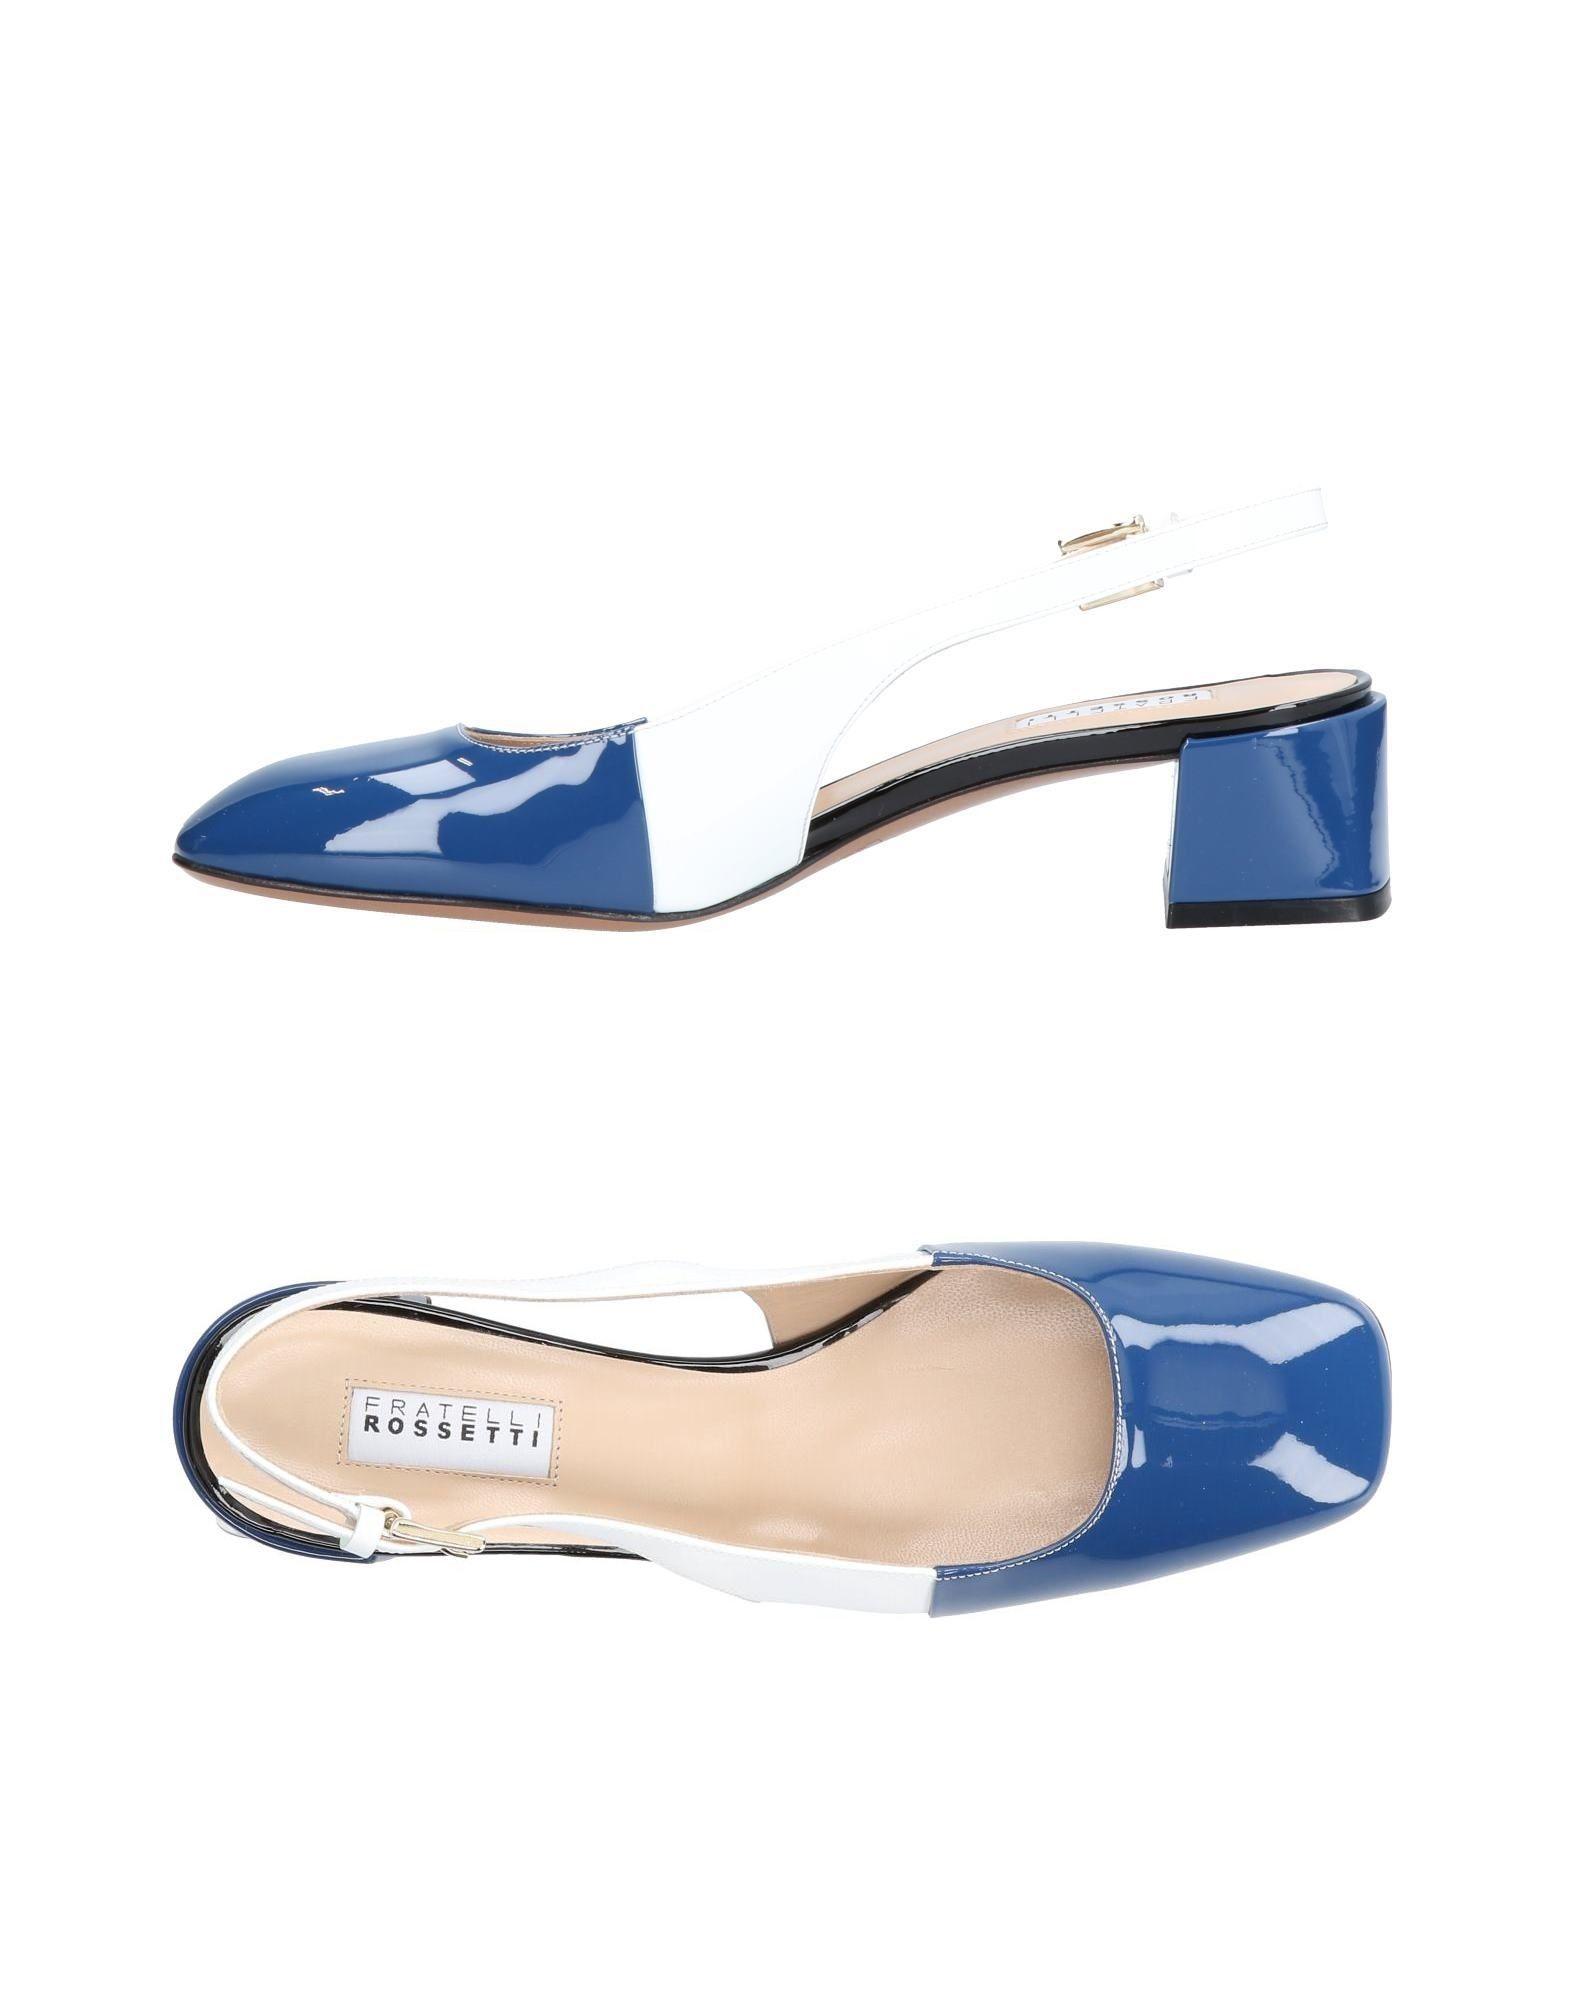 Fratelli Damen Rossetti Pumps Damen Fratelli  11440626PTGut aussehende strapazierfähige Schuhe f7bbb0